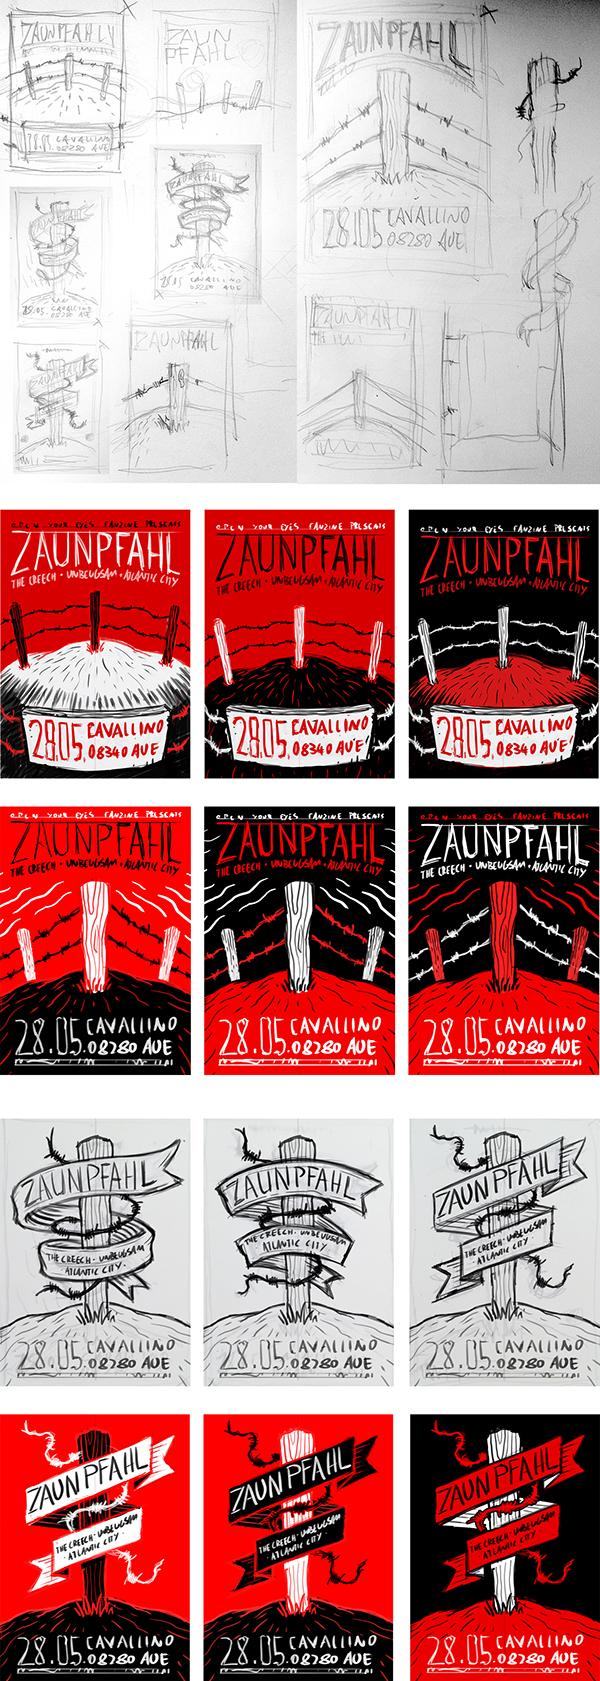 Zaunpfahl Concert Poster On Student Show